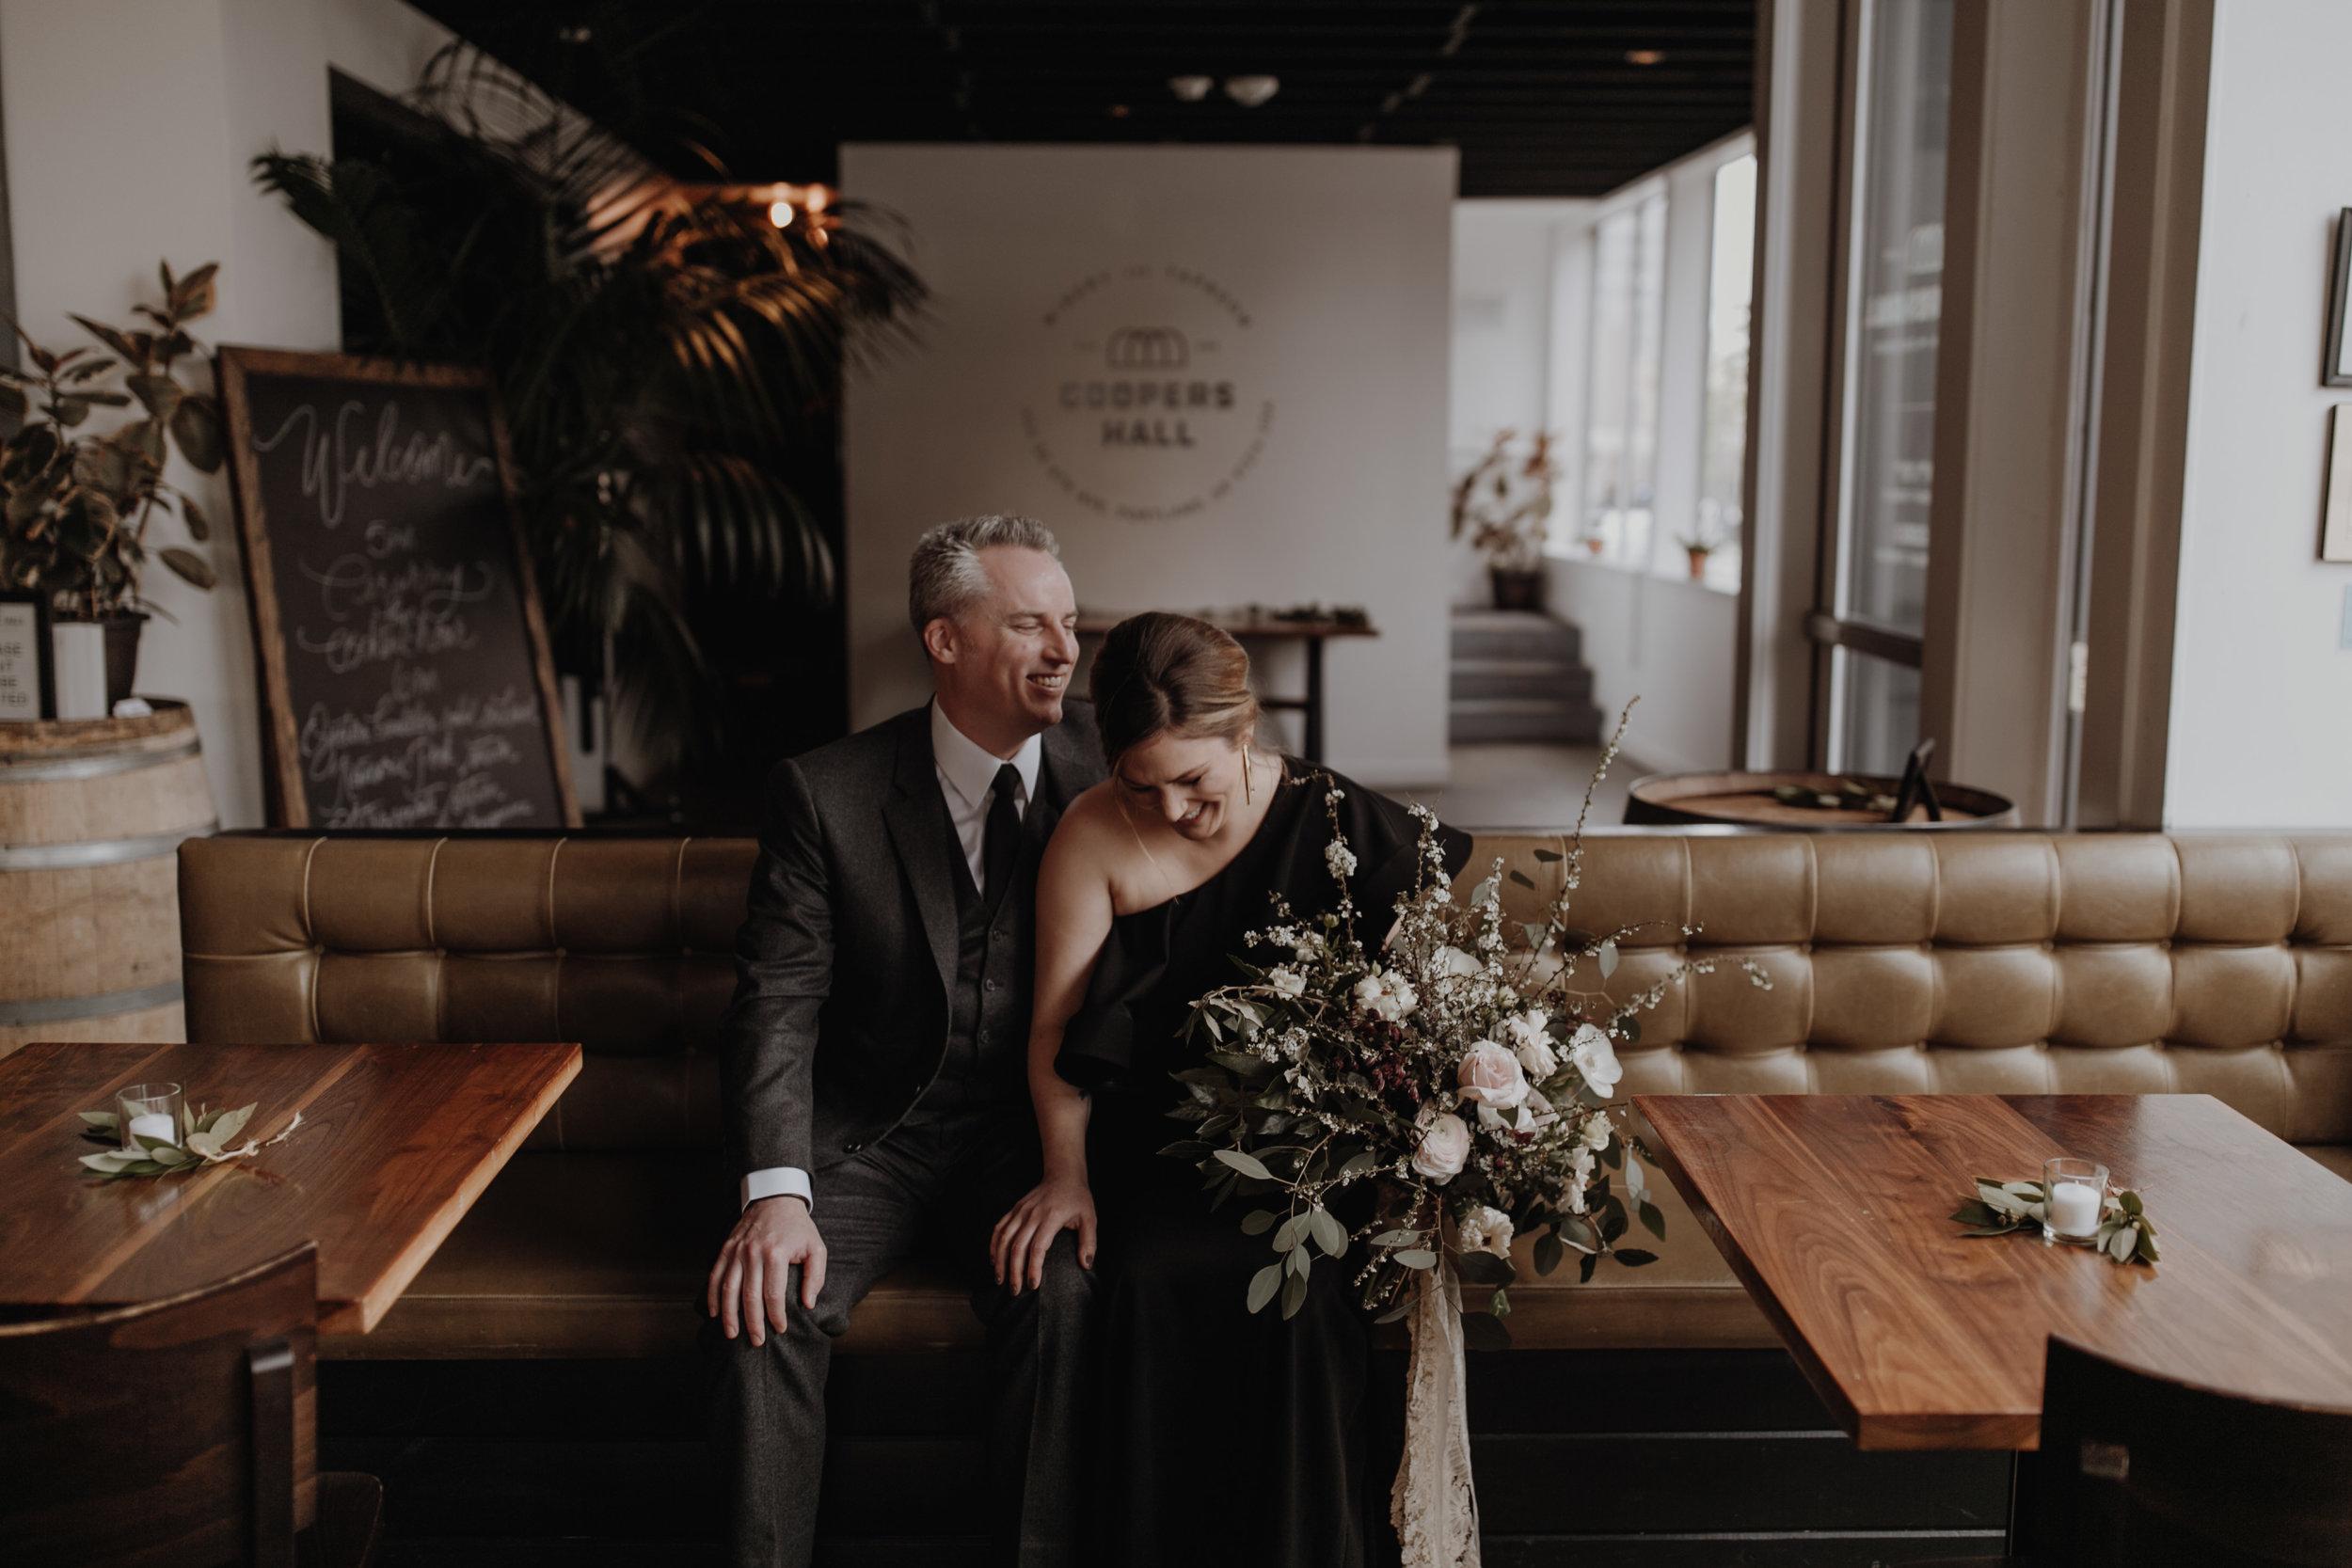 coopers_hall_wedding-26.jpg